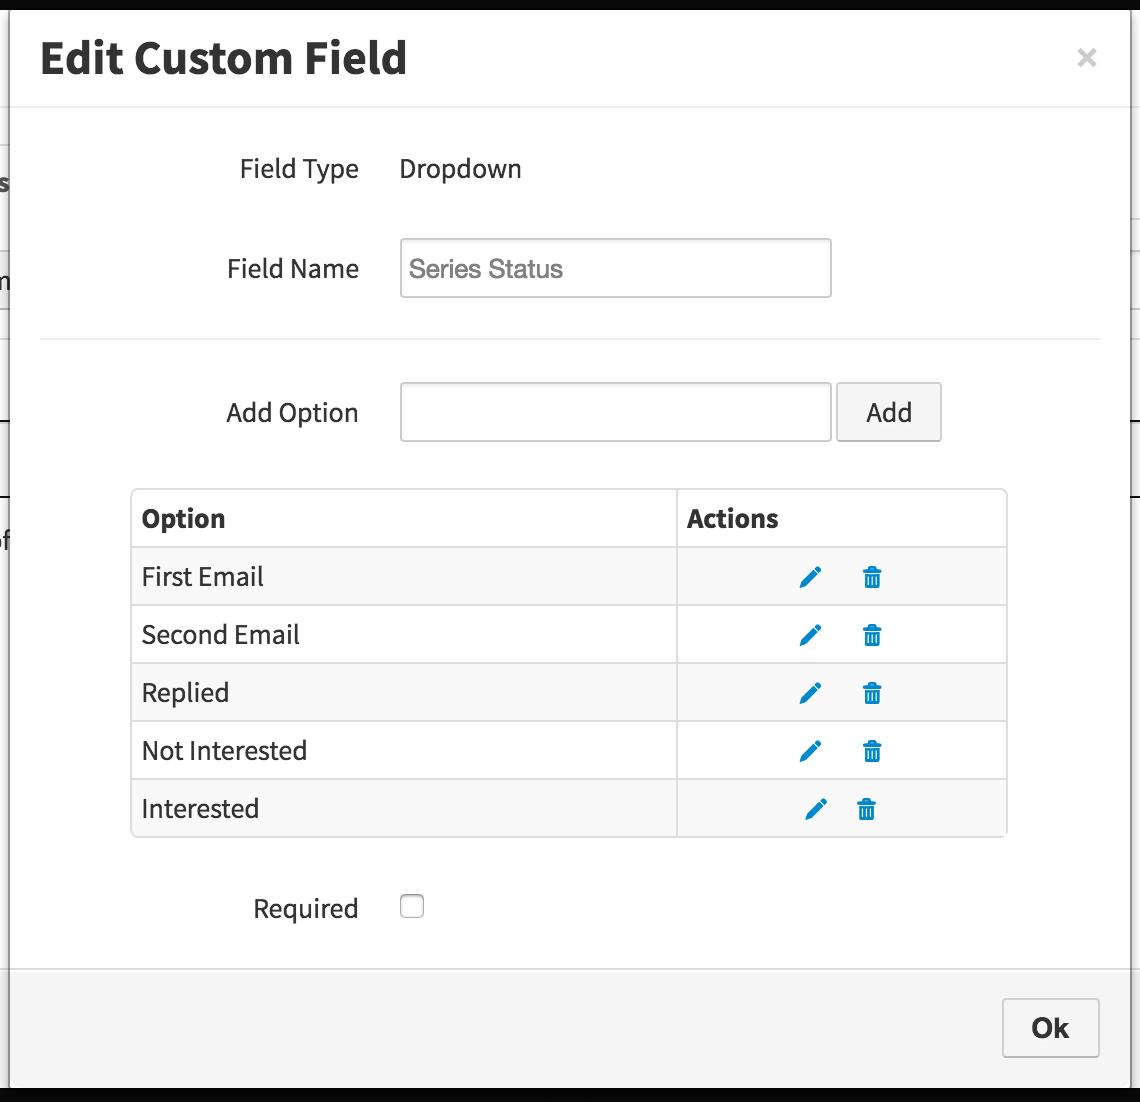 VipeCloud Series Status Custom Field